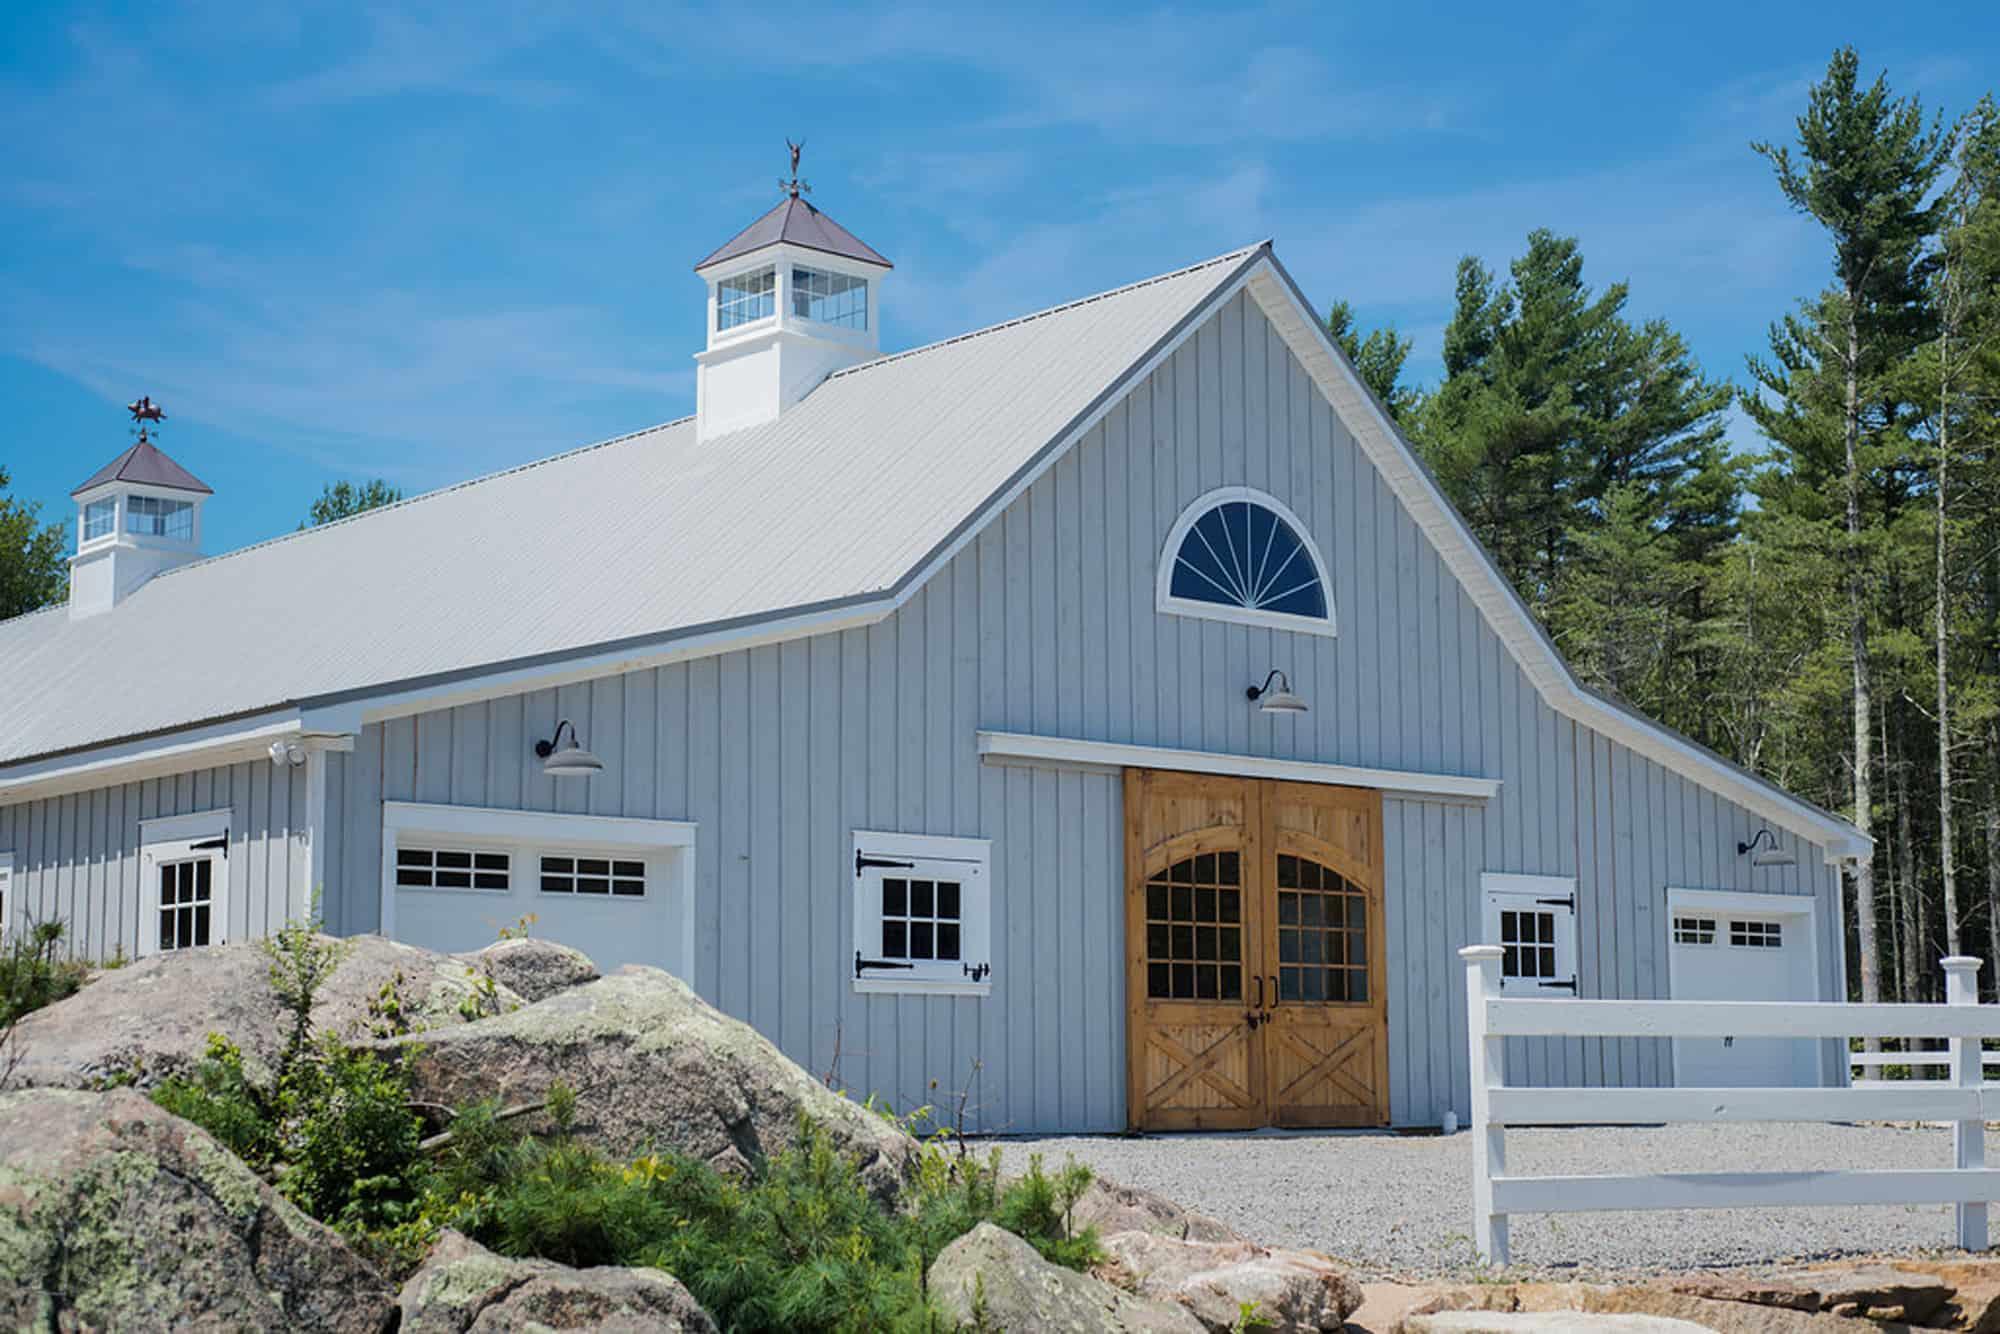 horse stalls cupola half circle window barn doors